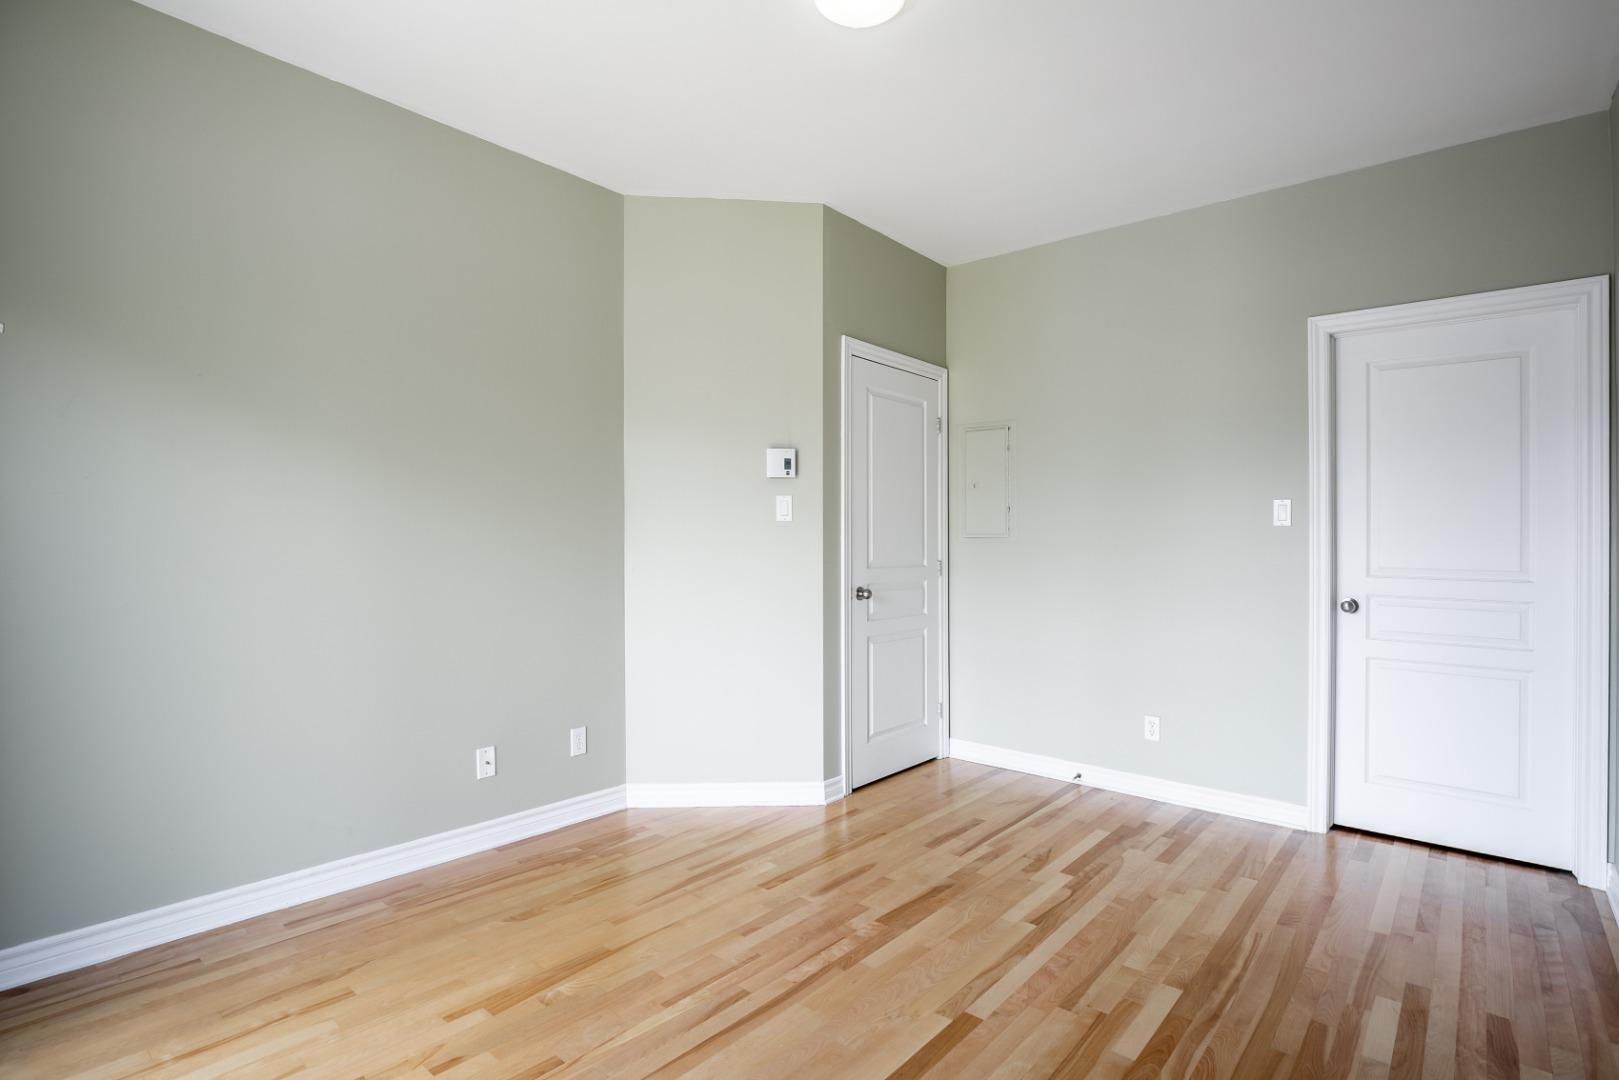 condo a vendre rosemont_montreal- 3860 rue masson_#3_AL-12.jpg